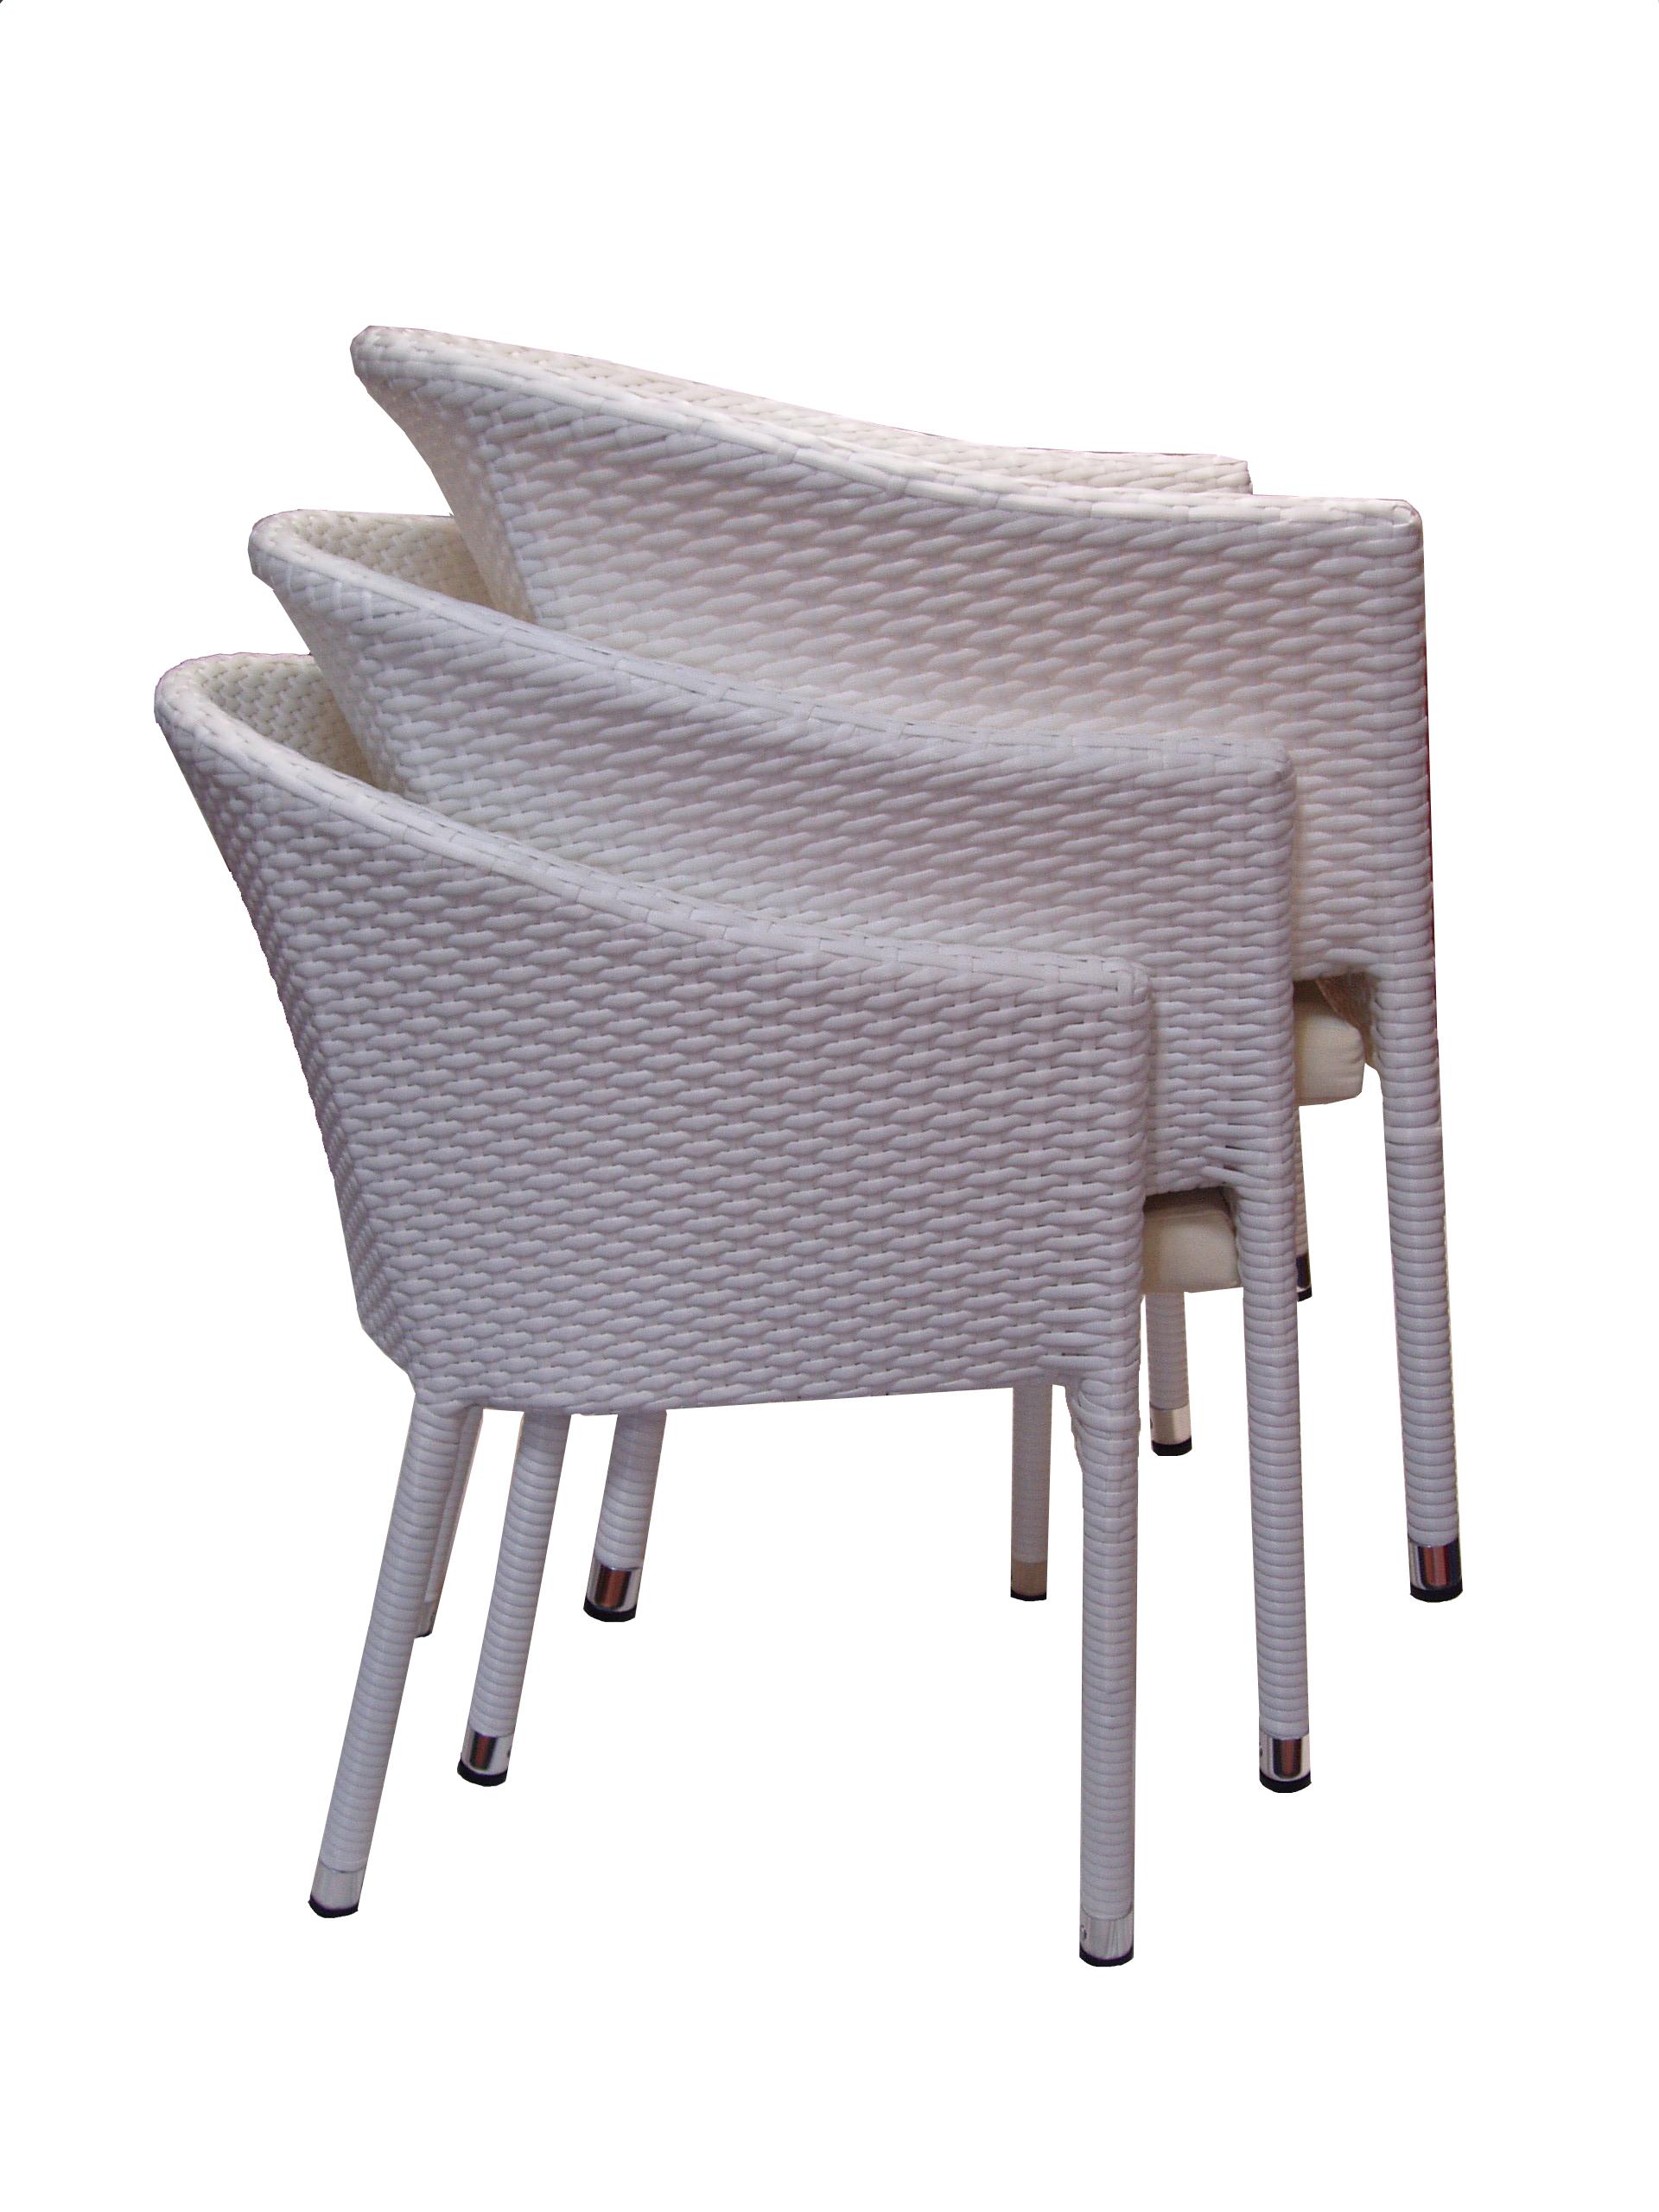 krzesło ogrodowe aluratan Lama